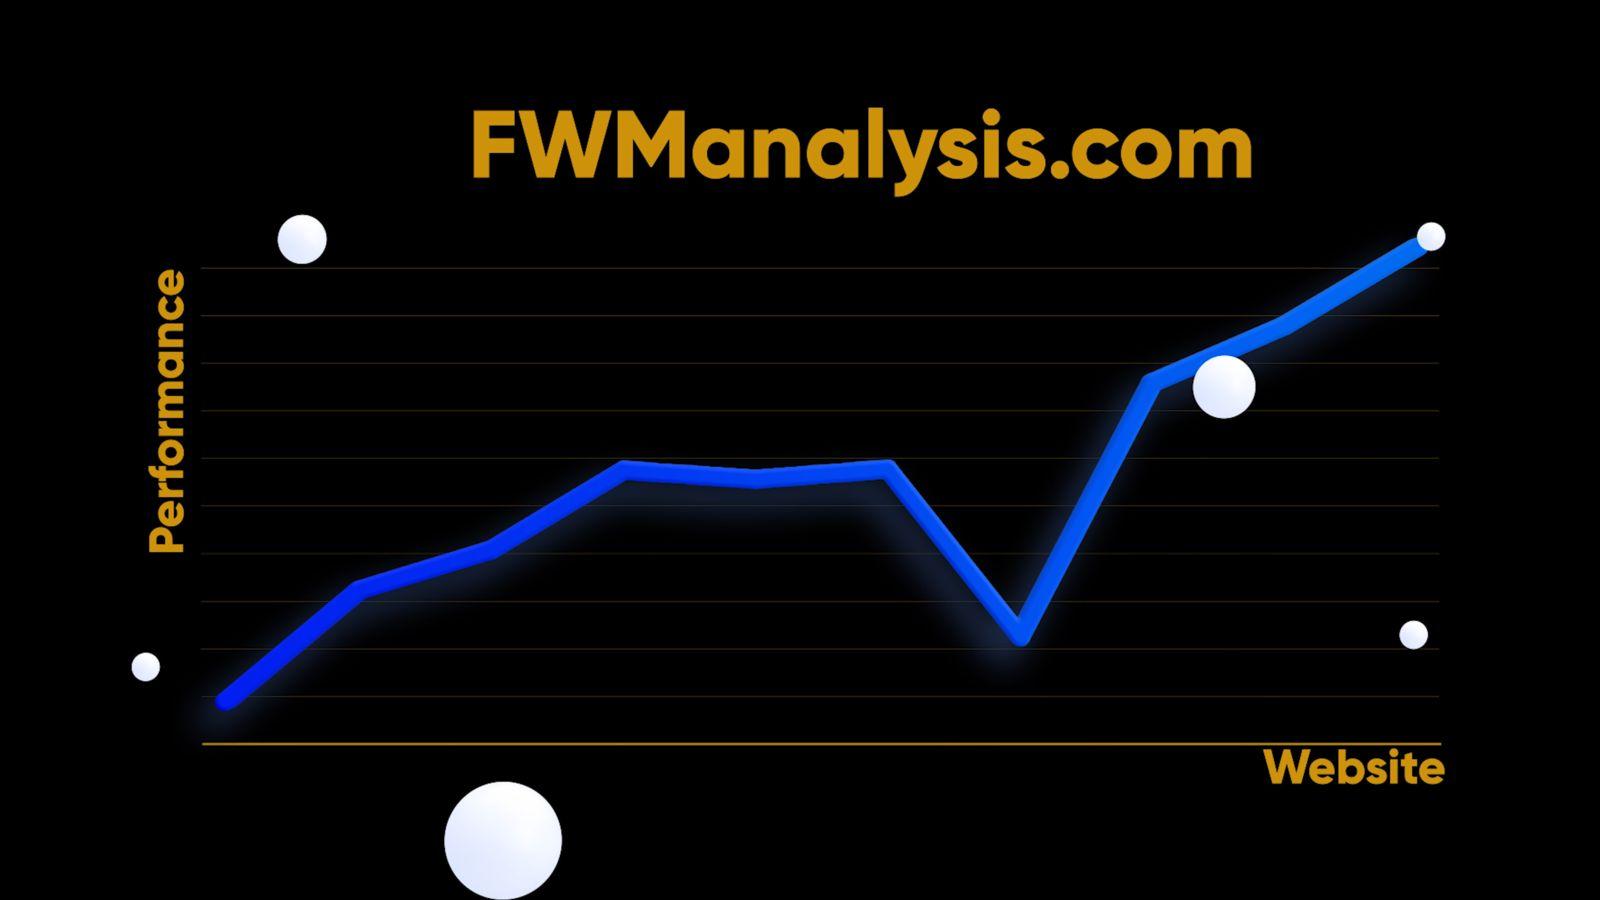 fwm pretty sure graph